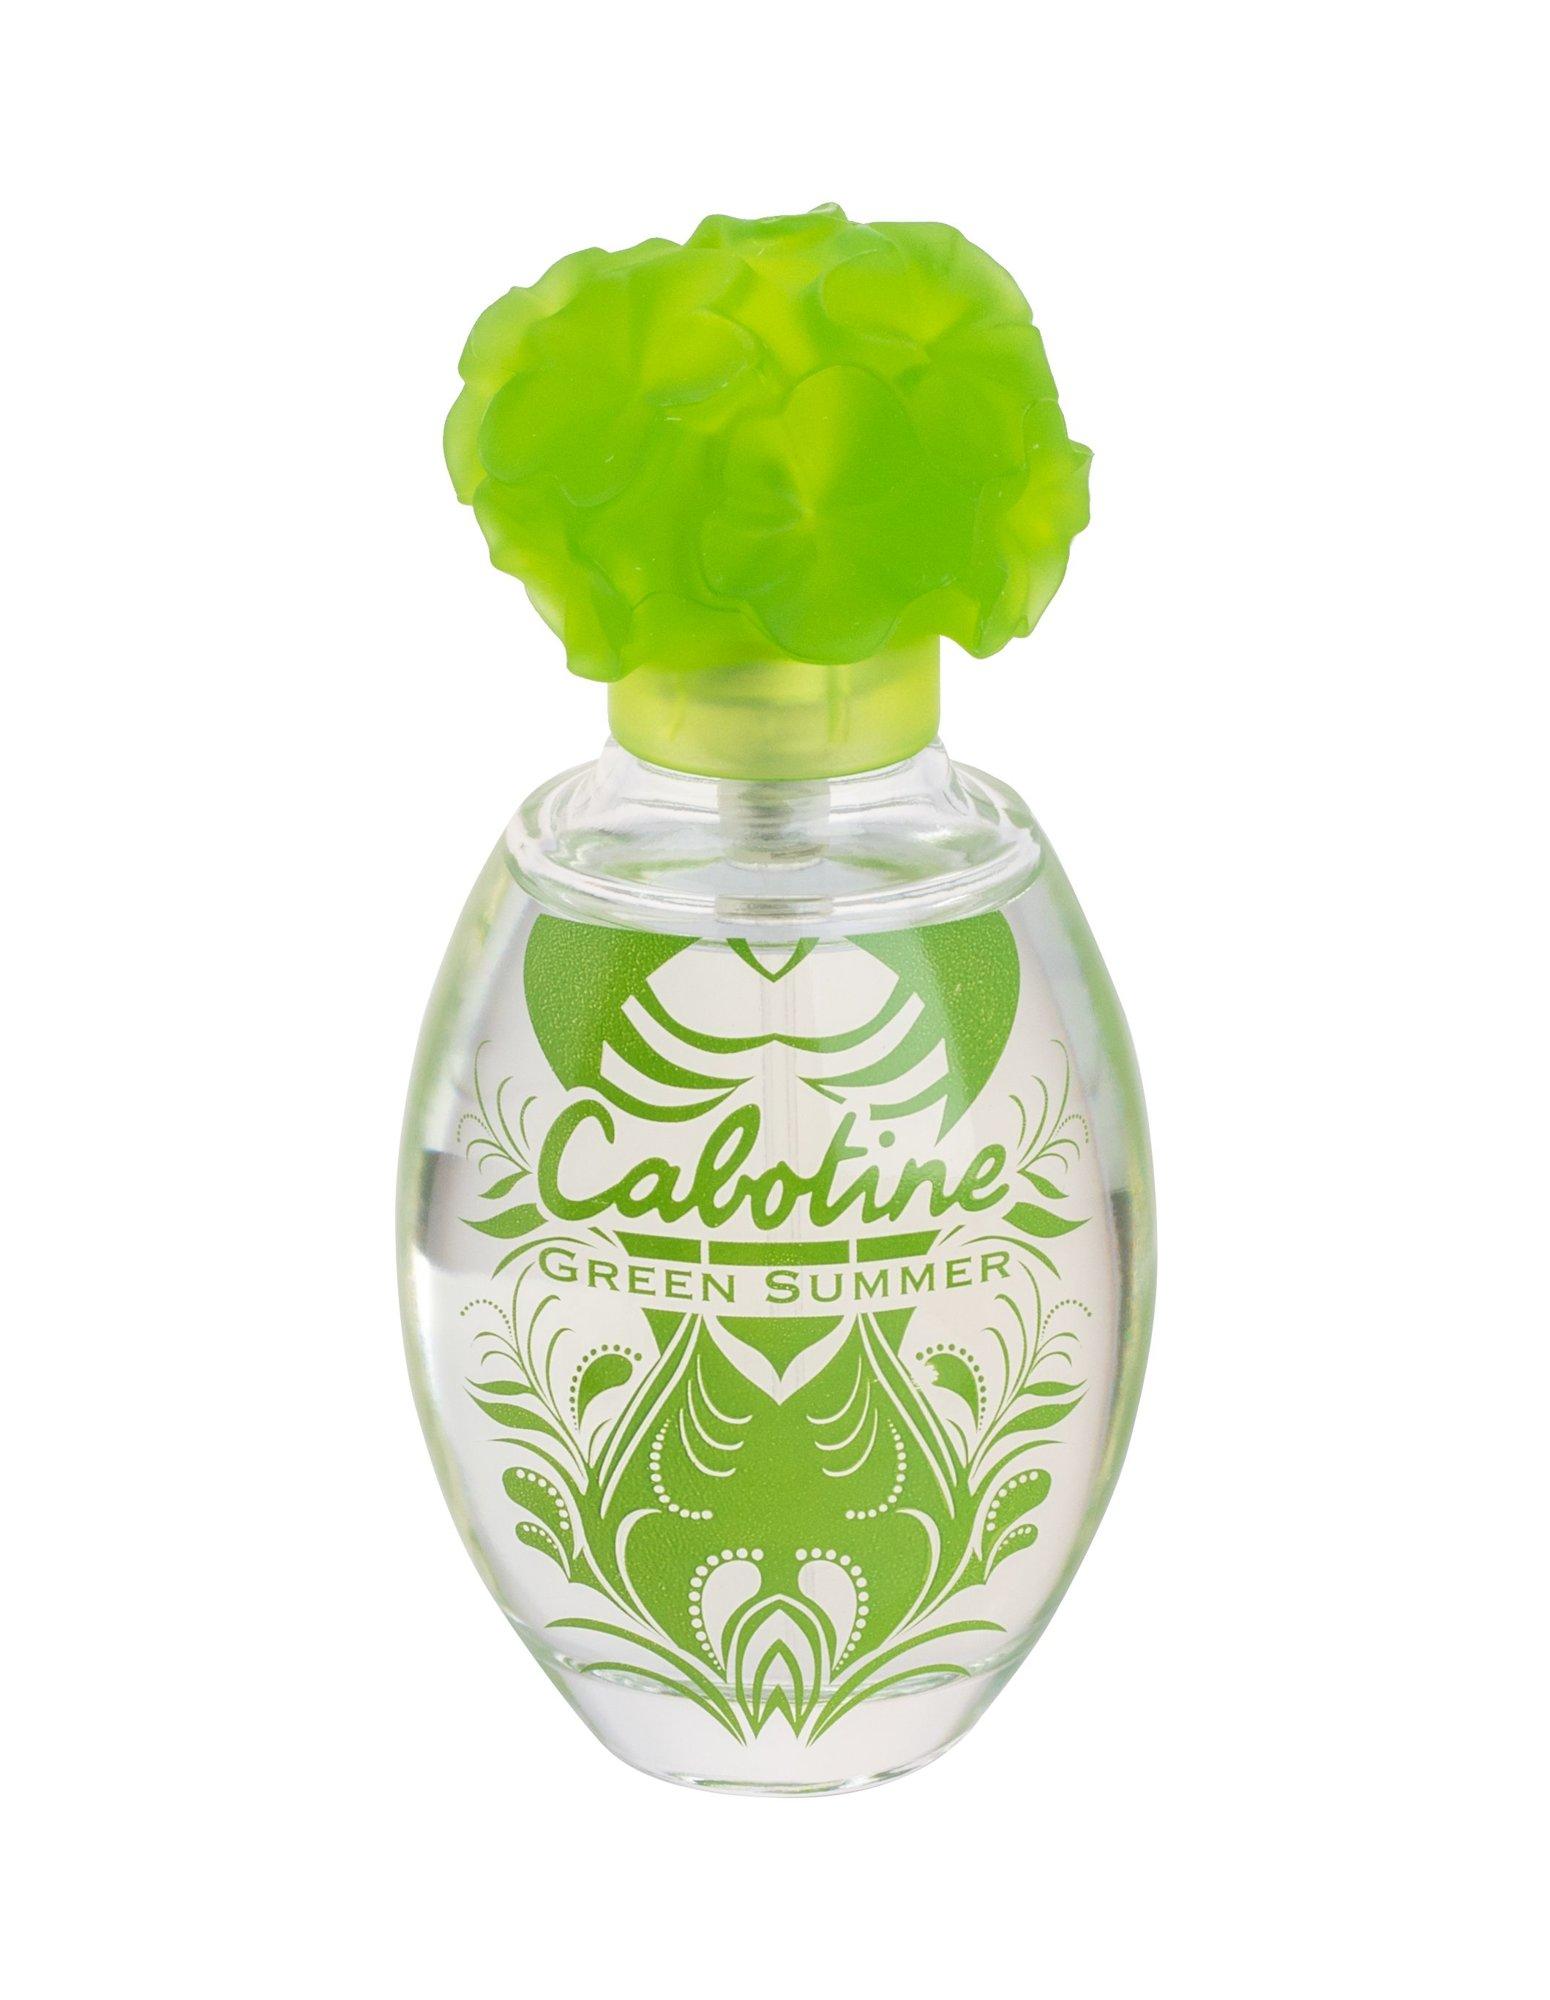 Gres Cabotine EDT 50ml  Green Summer